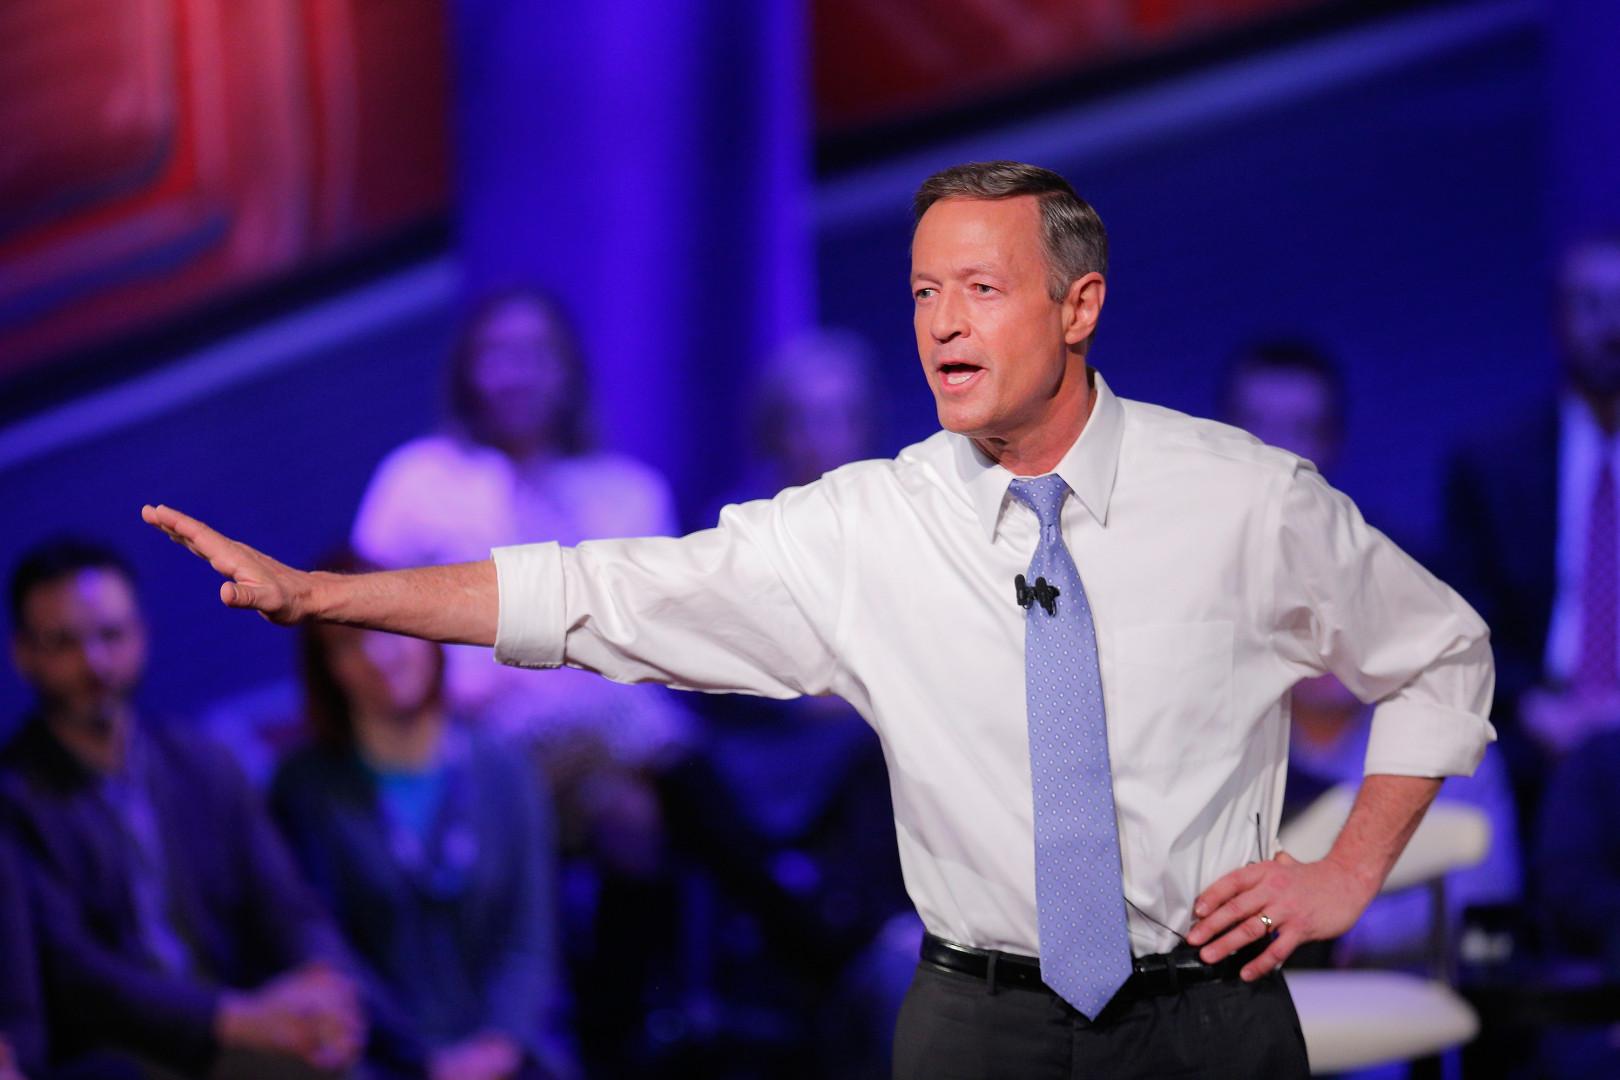 Martin O'Malley était candidat à la primaire démocrate